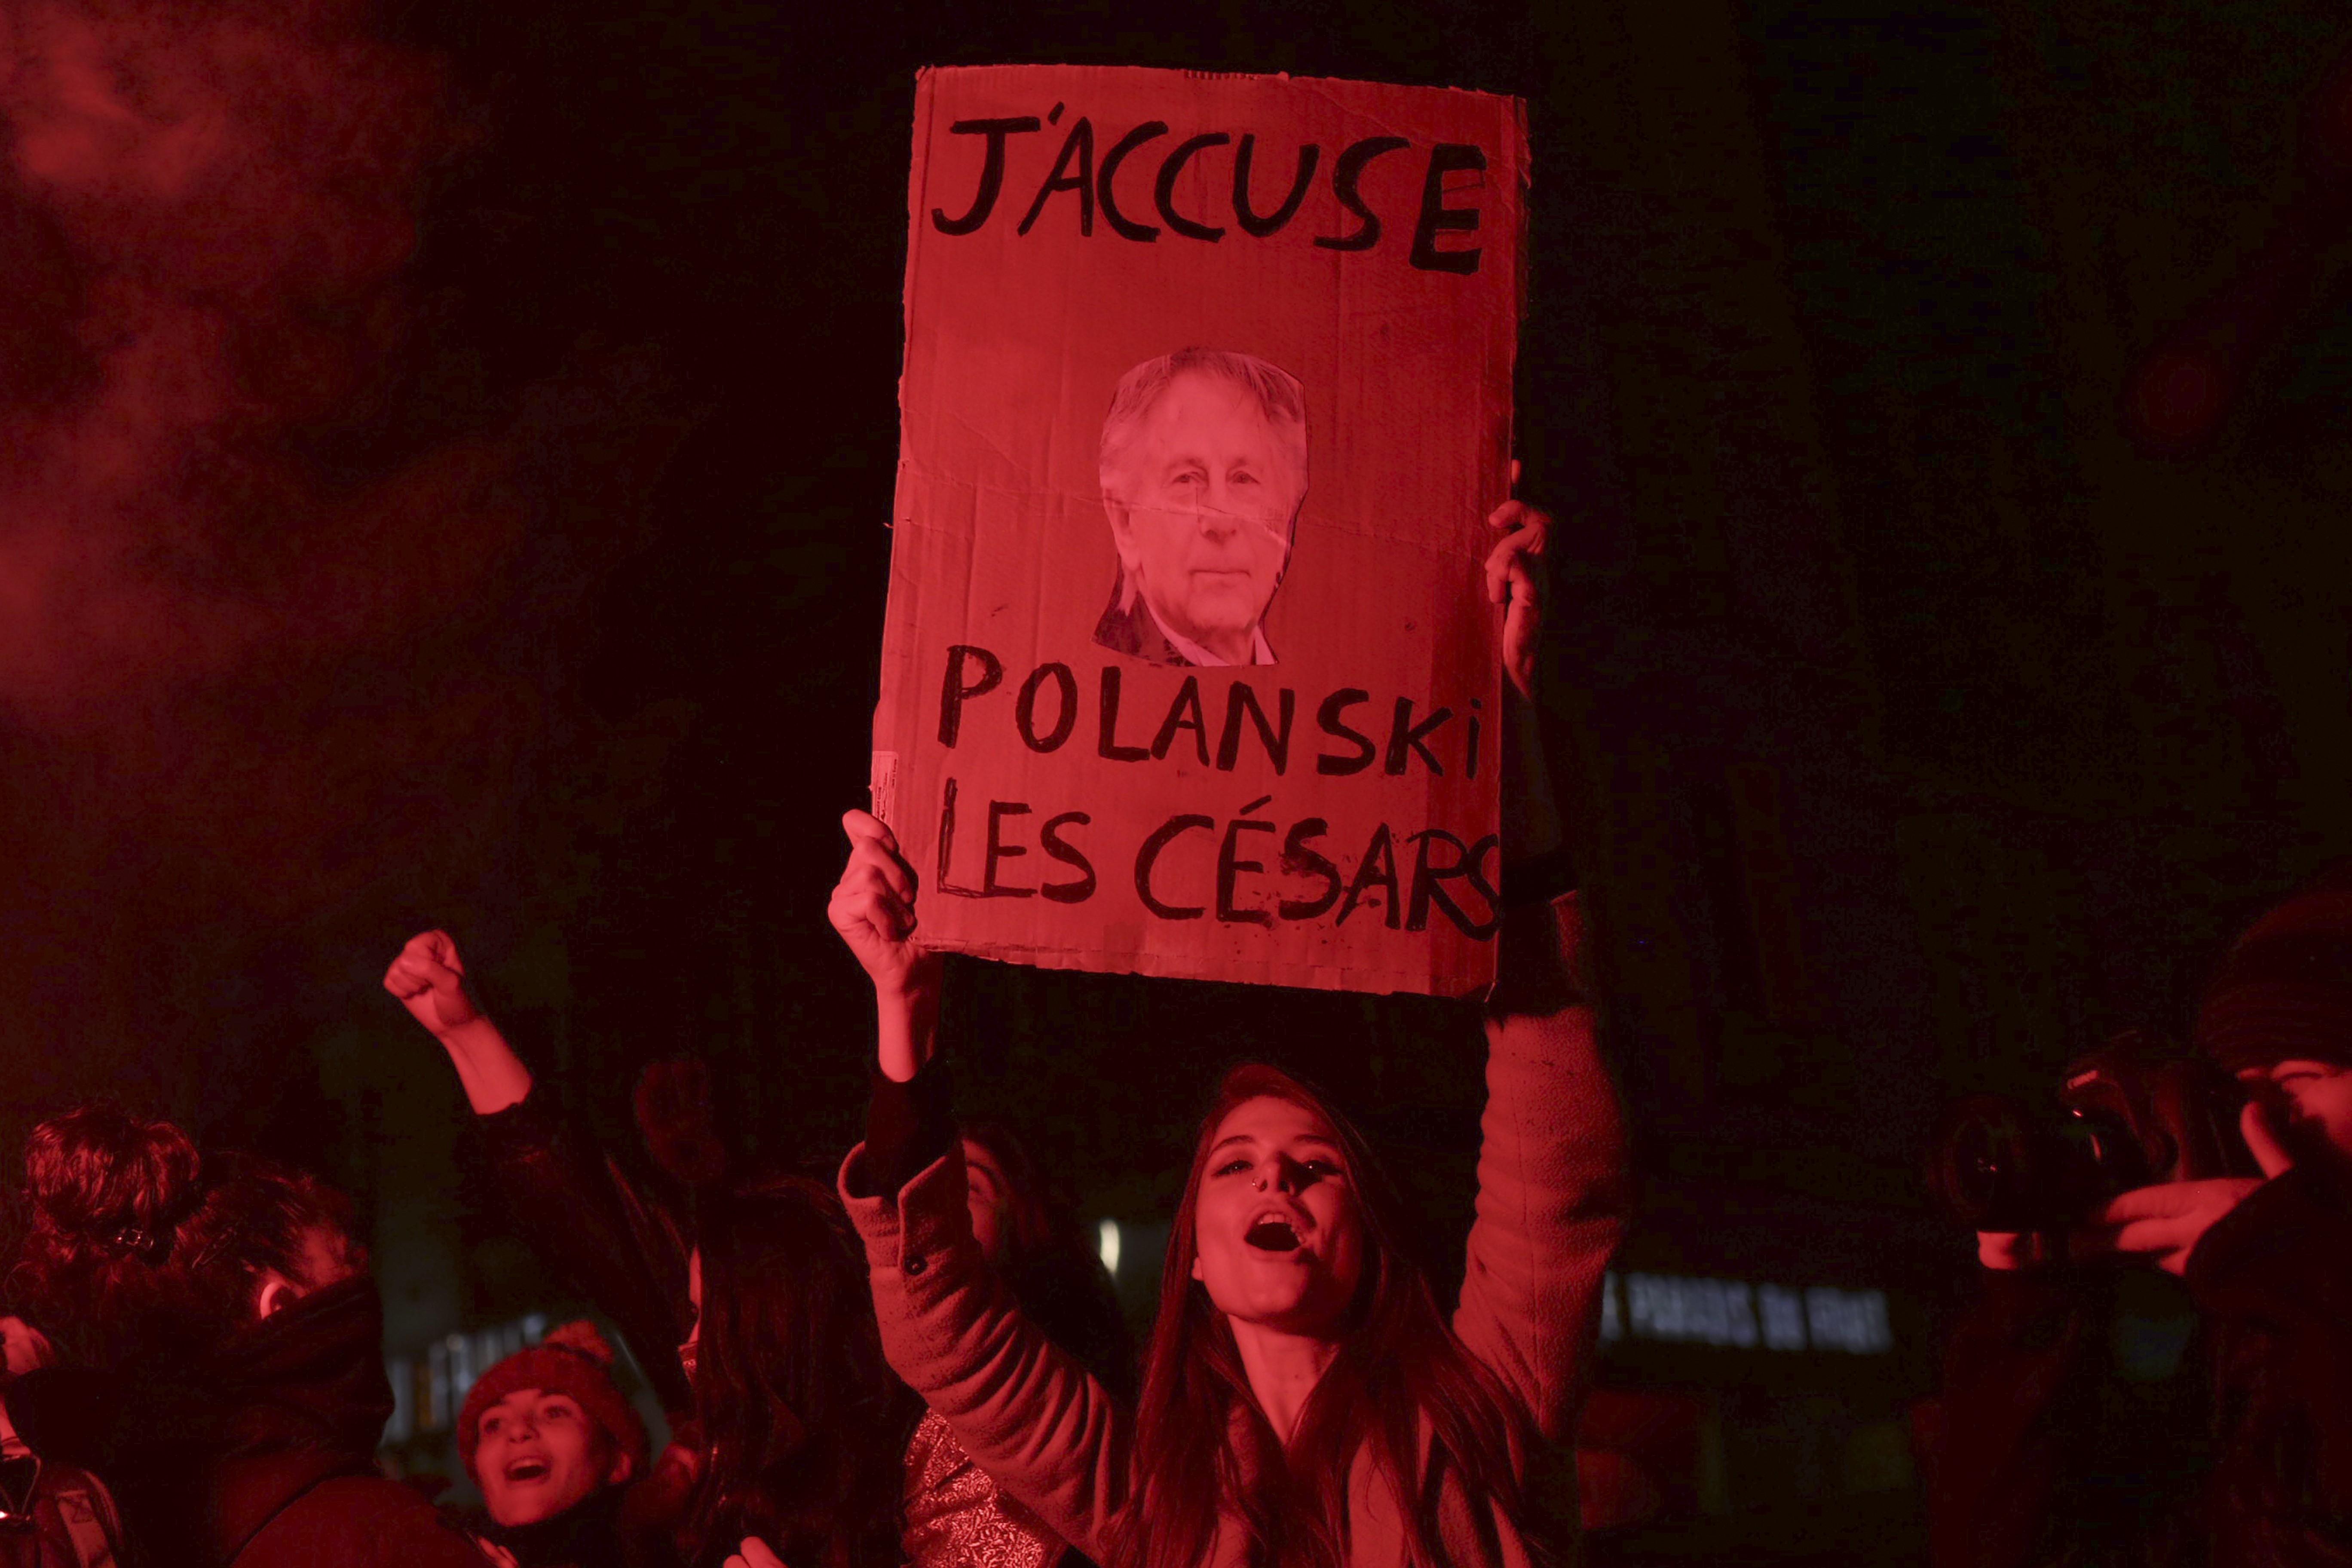 Manifestação anti-Polanski provoca tensão antes da cerimônia do César em Paris